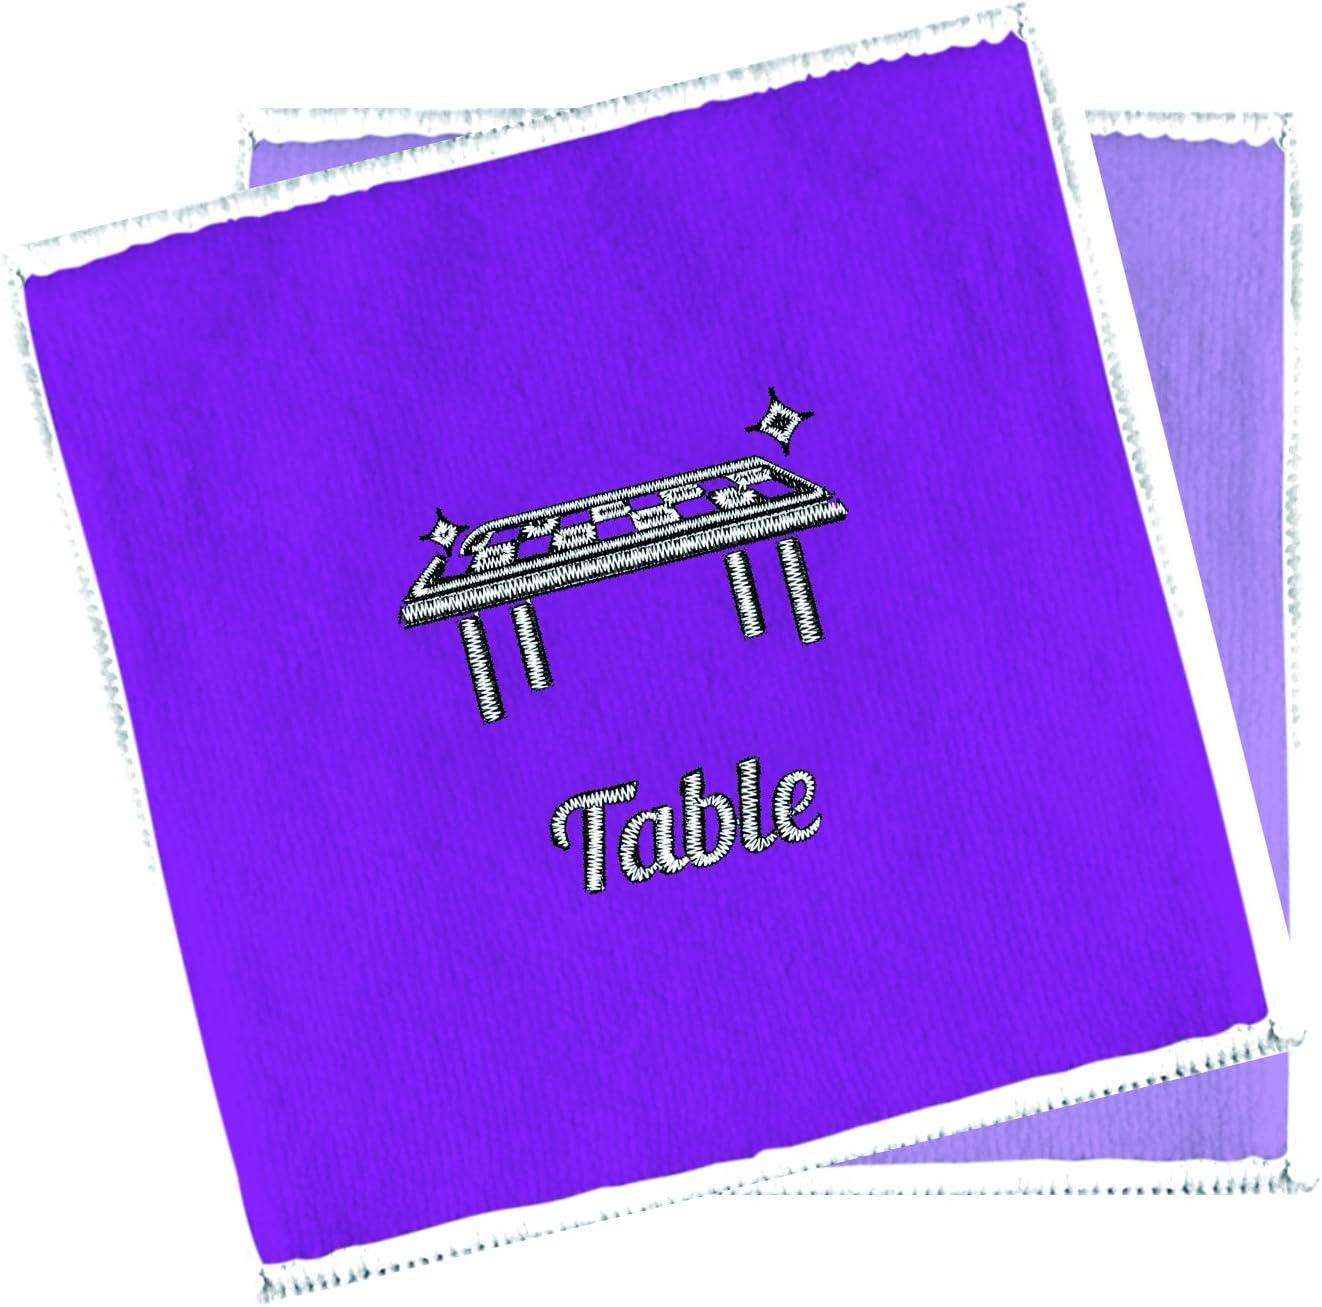 5 Pi/èces /Éponges Tissu Scrub Pad Vaisselle Effortless Nettoyage en Microfibre /Éponge Long Scrubber /Éponge Chiffon De Cuisine Nettoyage Tapis Naturel Loofah Pad Plat Bowl